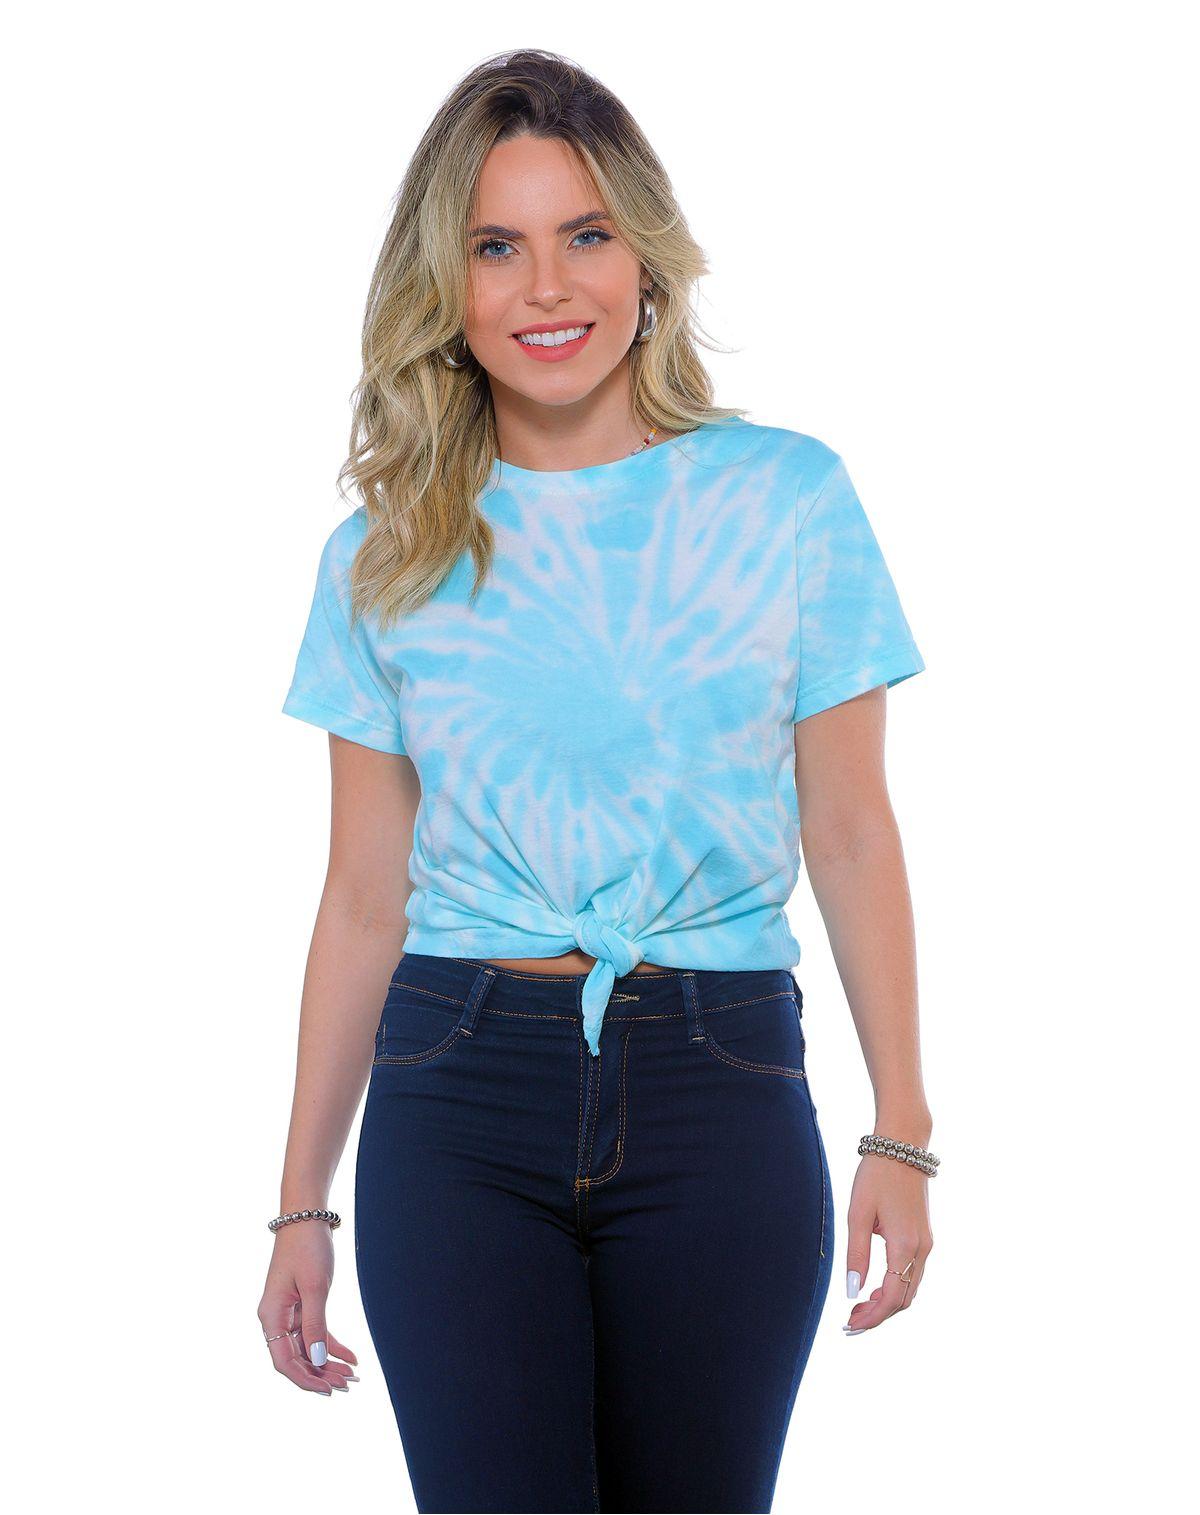 565285004-camiseta-manga-curta-feminina-estampa-tie-dye-amarracao-azul-gg-59e